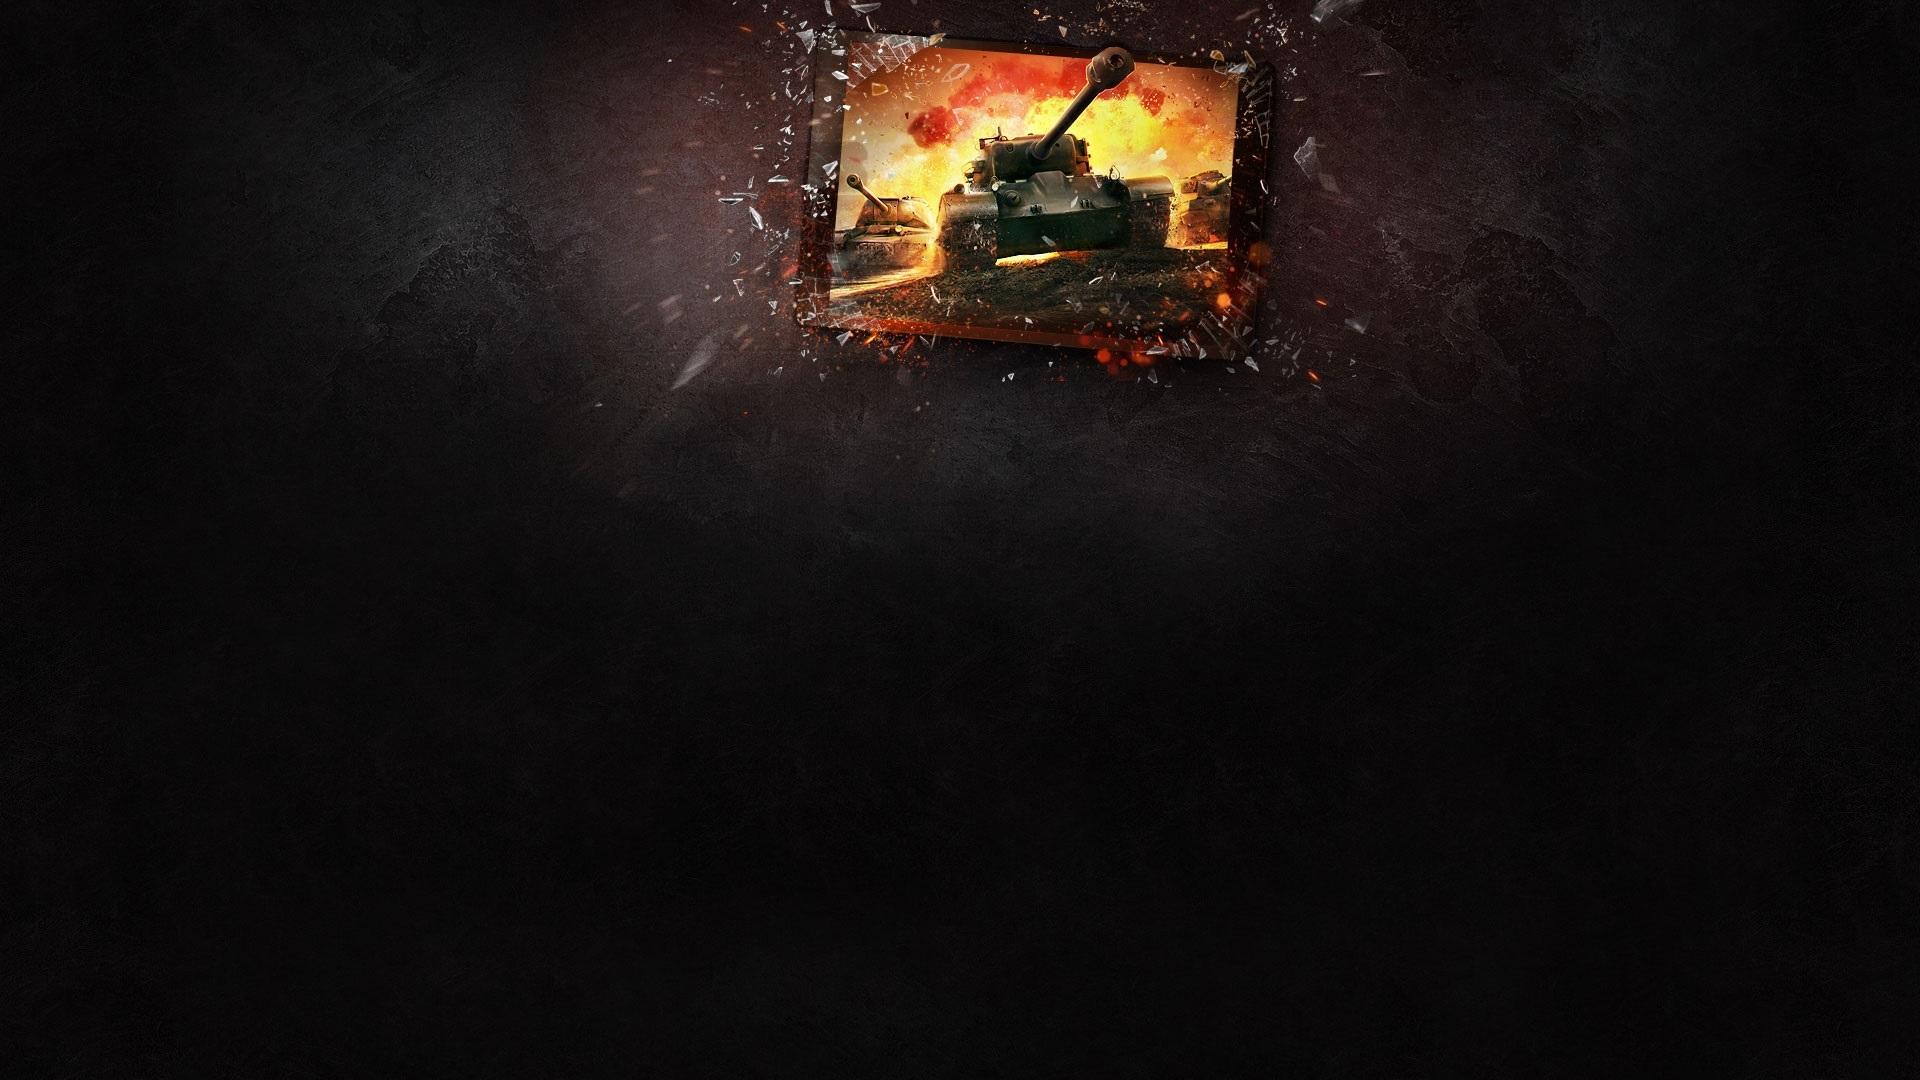 Фон картинки для мира танков